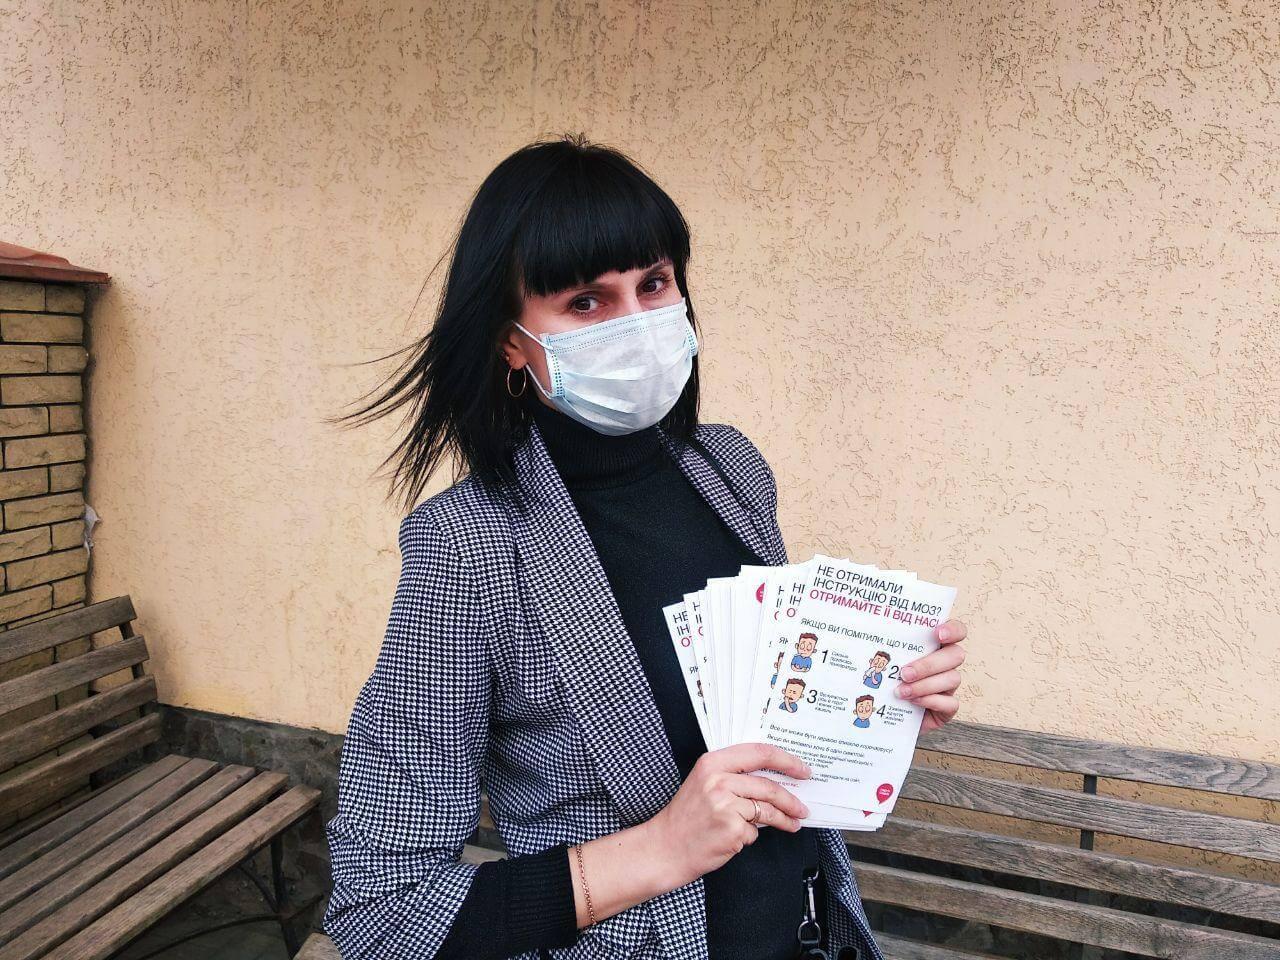 Прихильники «Партії Шарія» розповсюджують листівки з рекомендаціями щодо профілактики COVID-19.